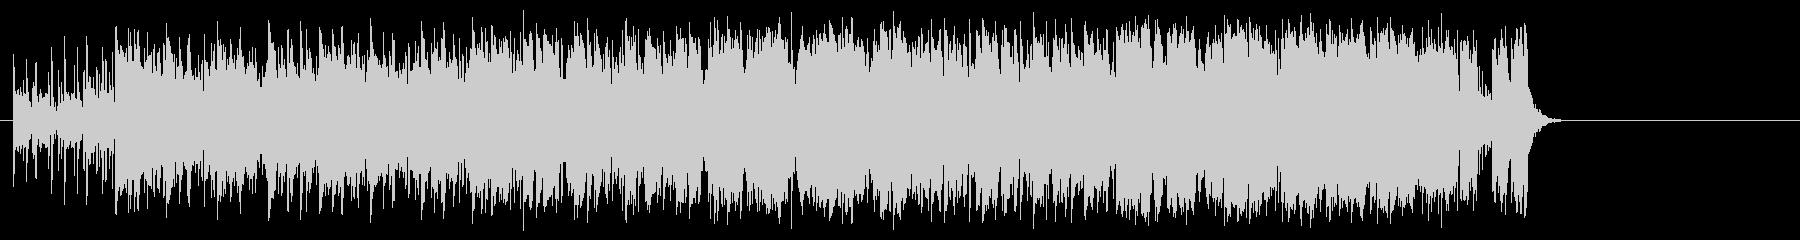 明るいオープニングポップ(イントロ~…)の未再生の波形